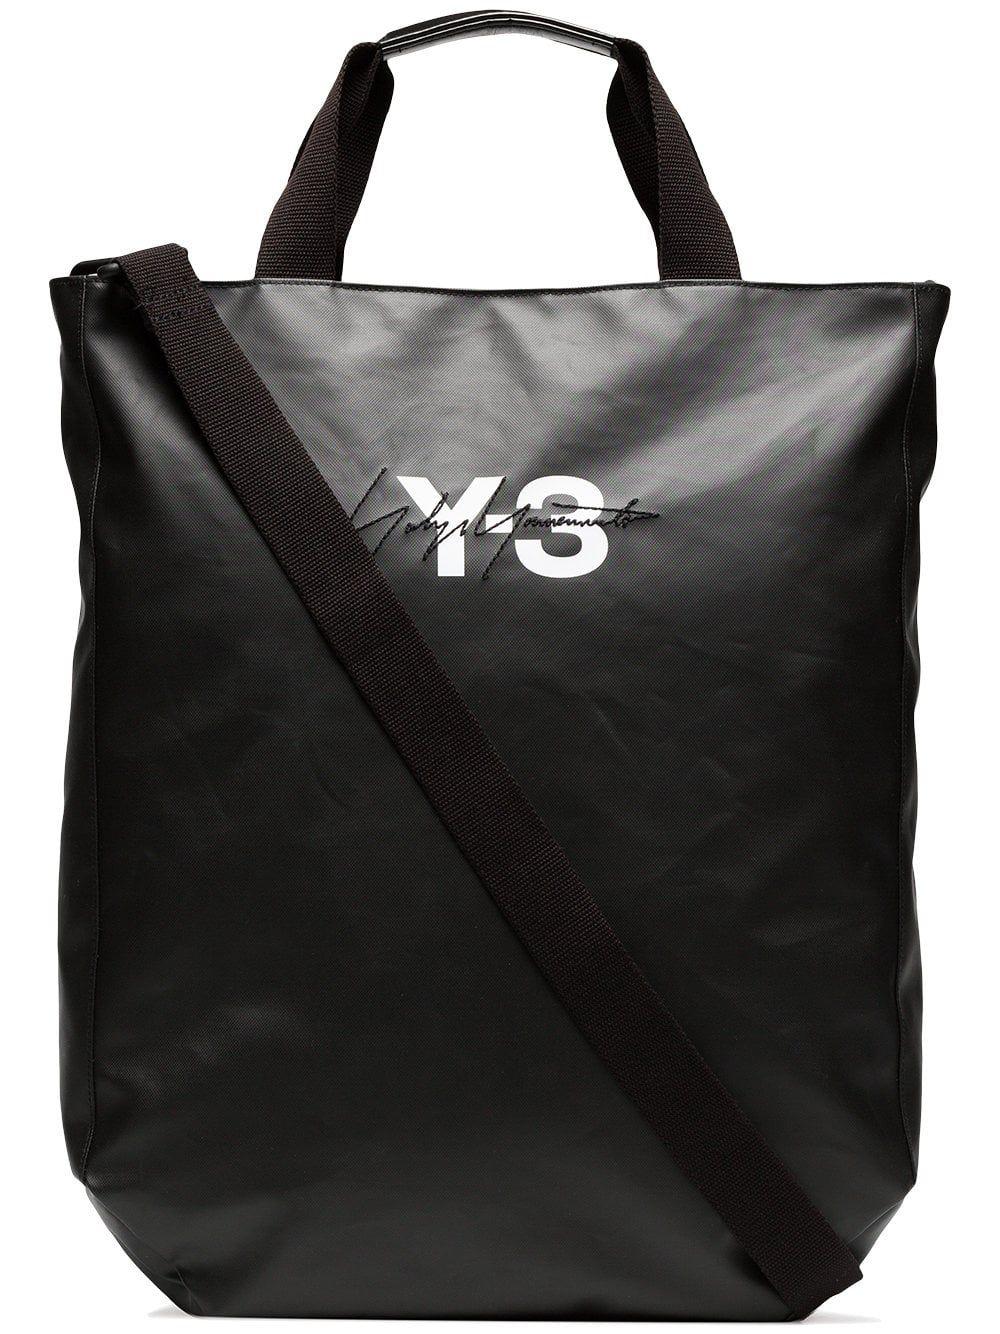 c43da6b1 Y-3 black logo tote bag   _BORGS in 2019   Bags, Tote Bag, Reusable ...